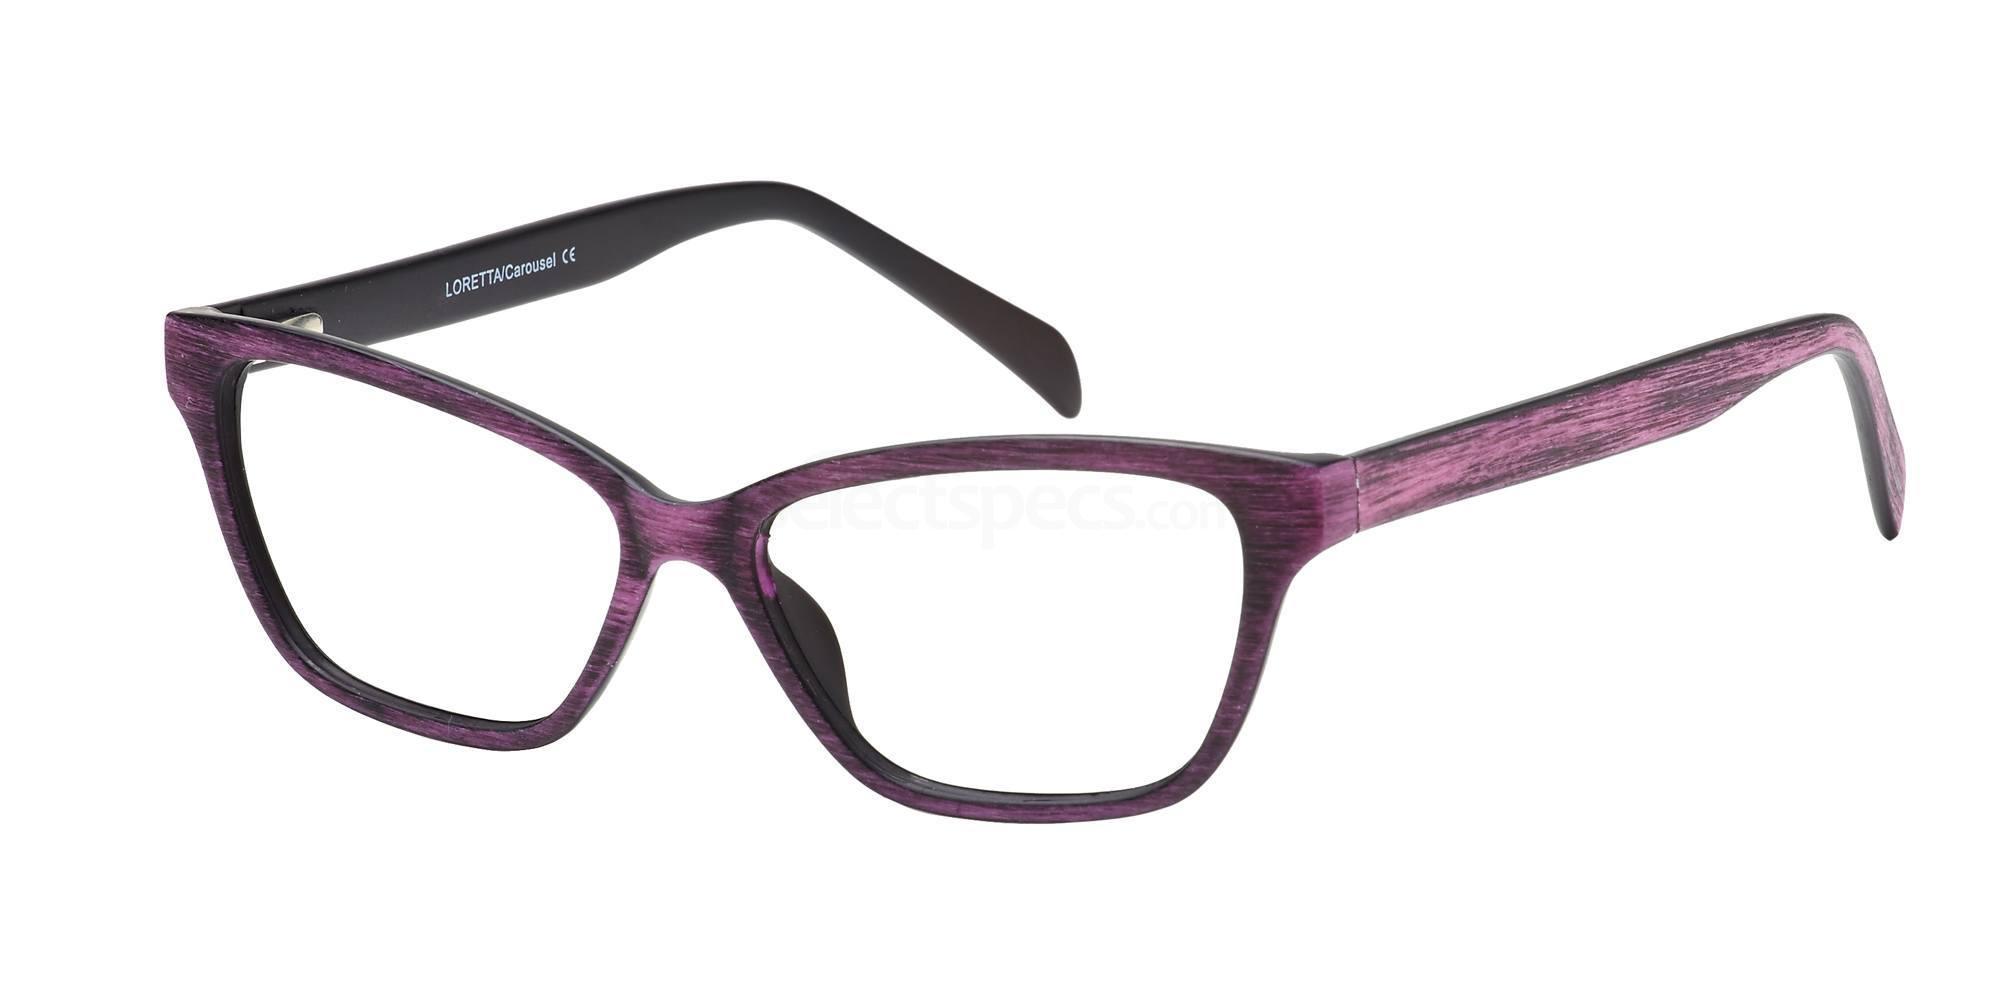 C1 LORETTA Glasses, Carousel